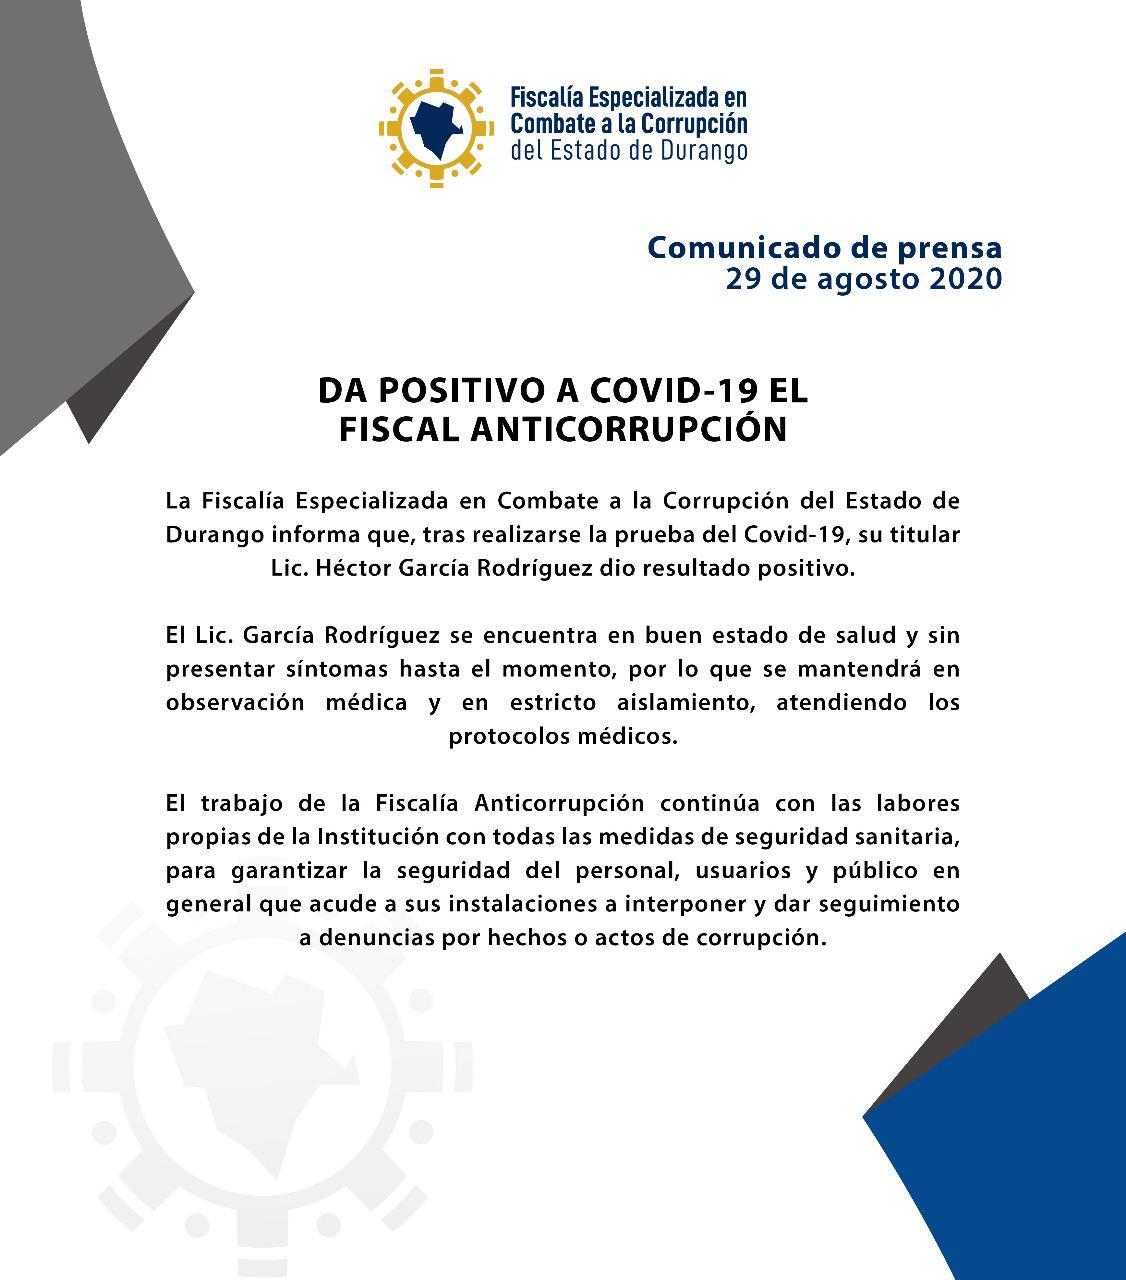 DA POSITIVO A COVID-19 EL FISCAL ANTICORRUPCIÓN